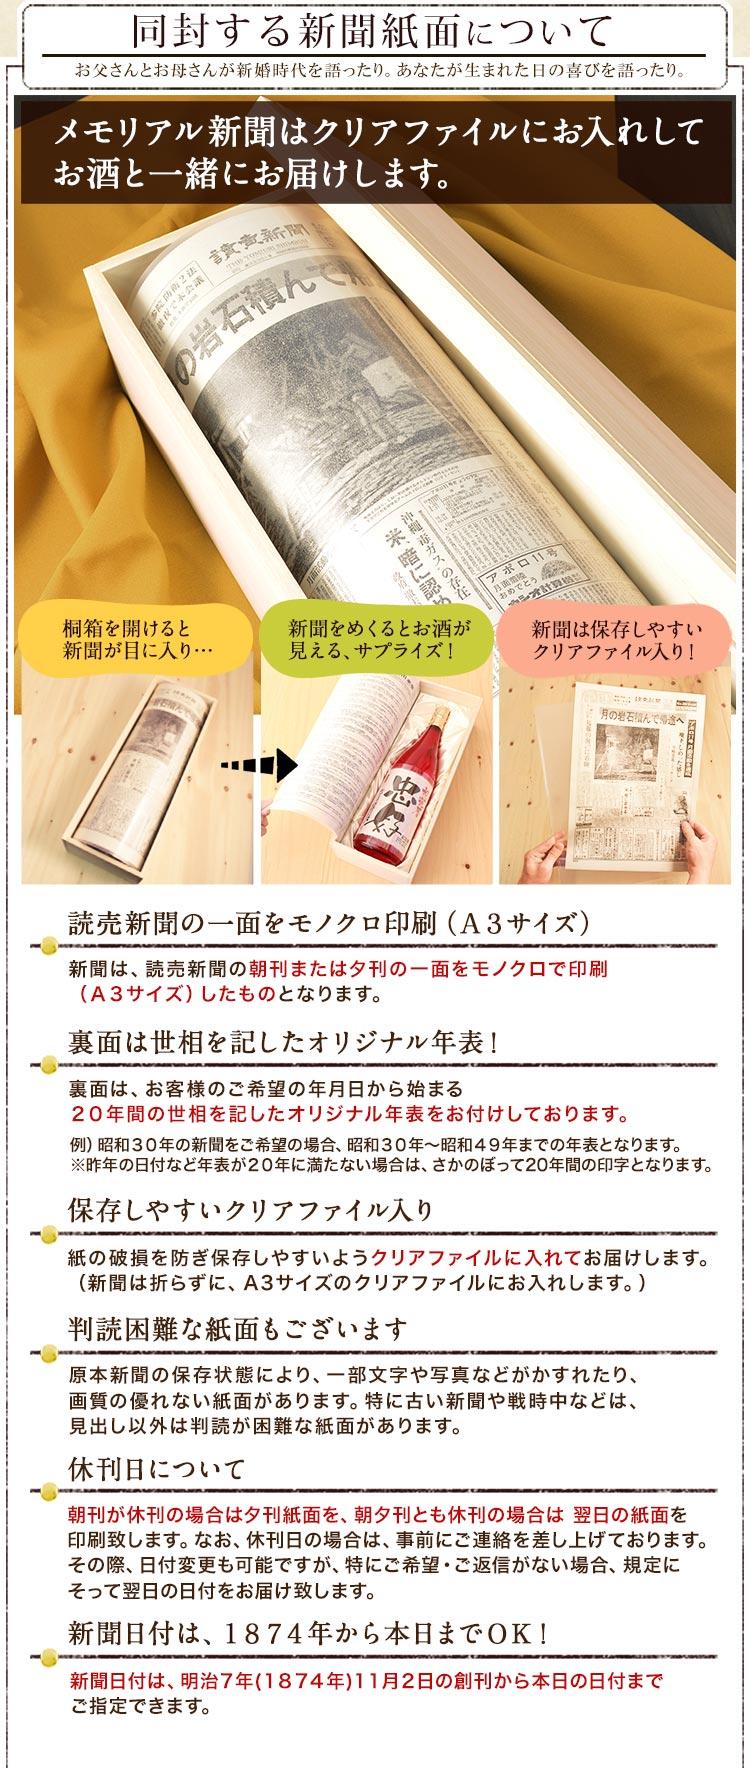 記念日新聞の注意事項